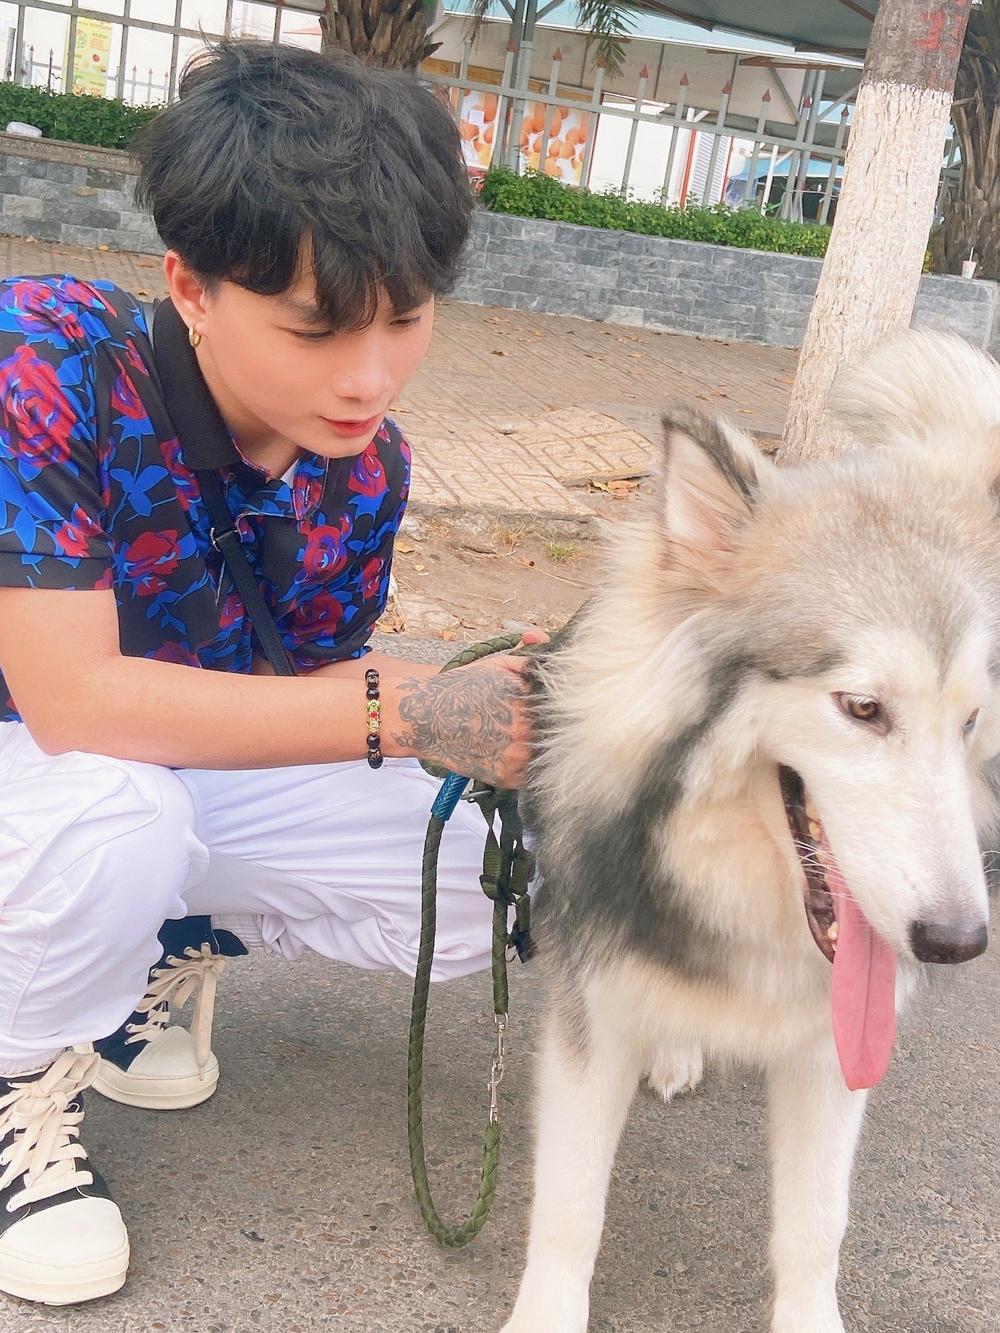 Con đường trở thành diễn viên chuyên nghiệp của chàng trai trẻ Bình Thuận Ảnh 4